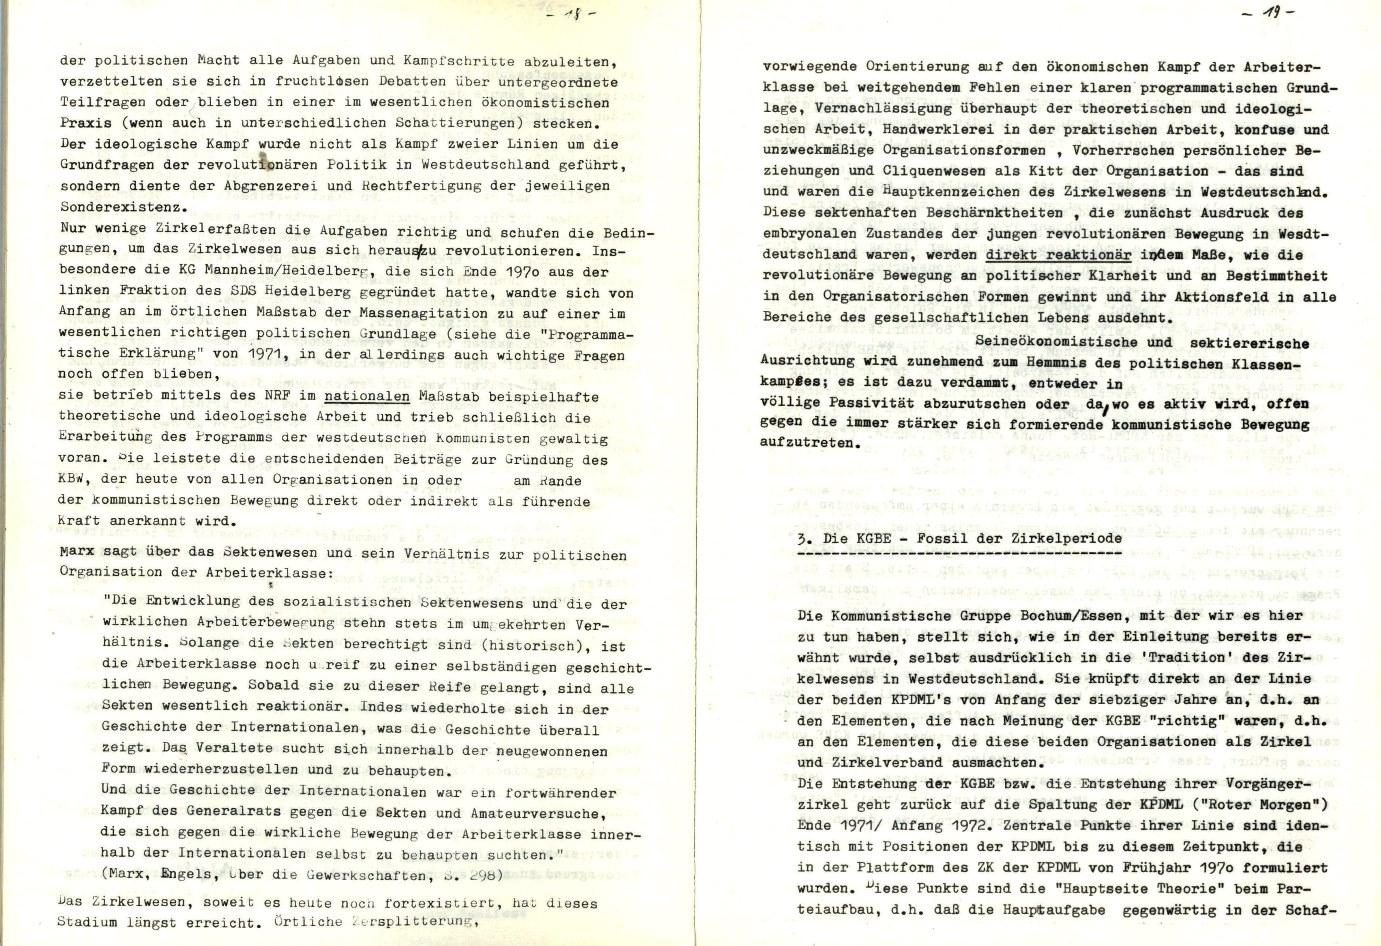 KGBE_Ehemalige_1977_Kritik_an_der_KGBE_13